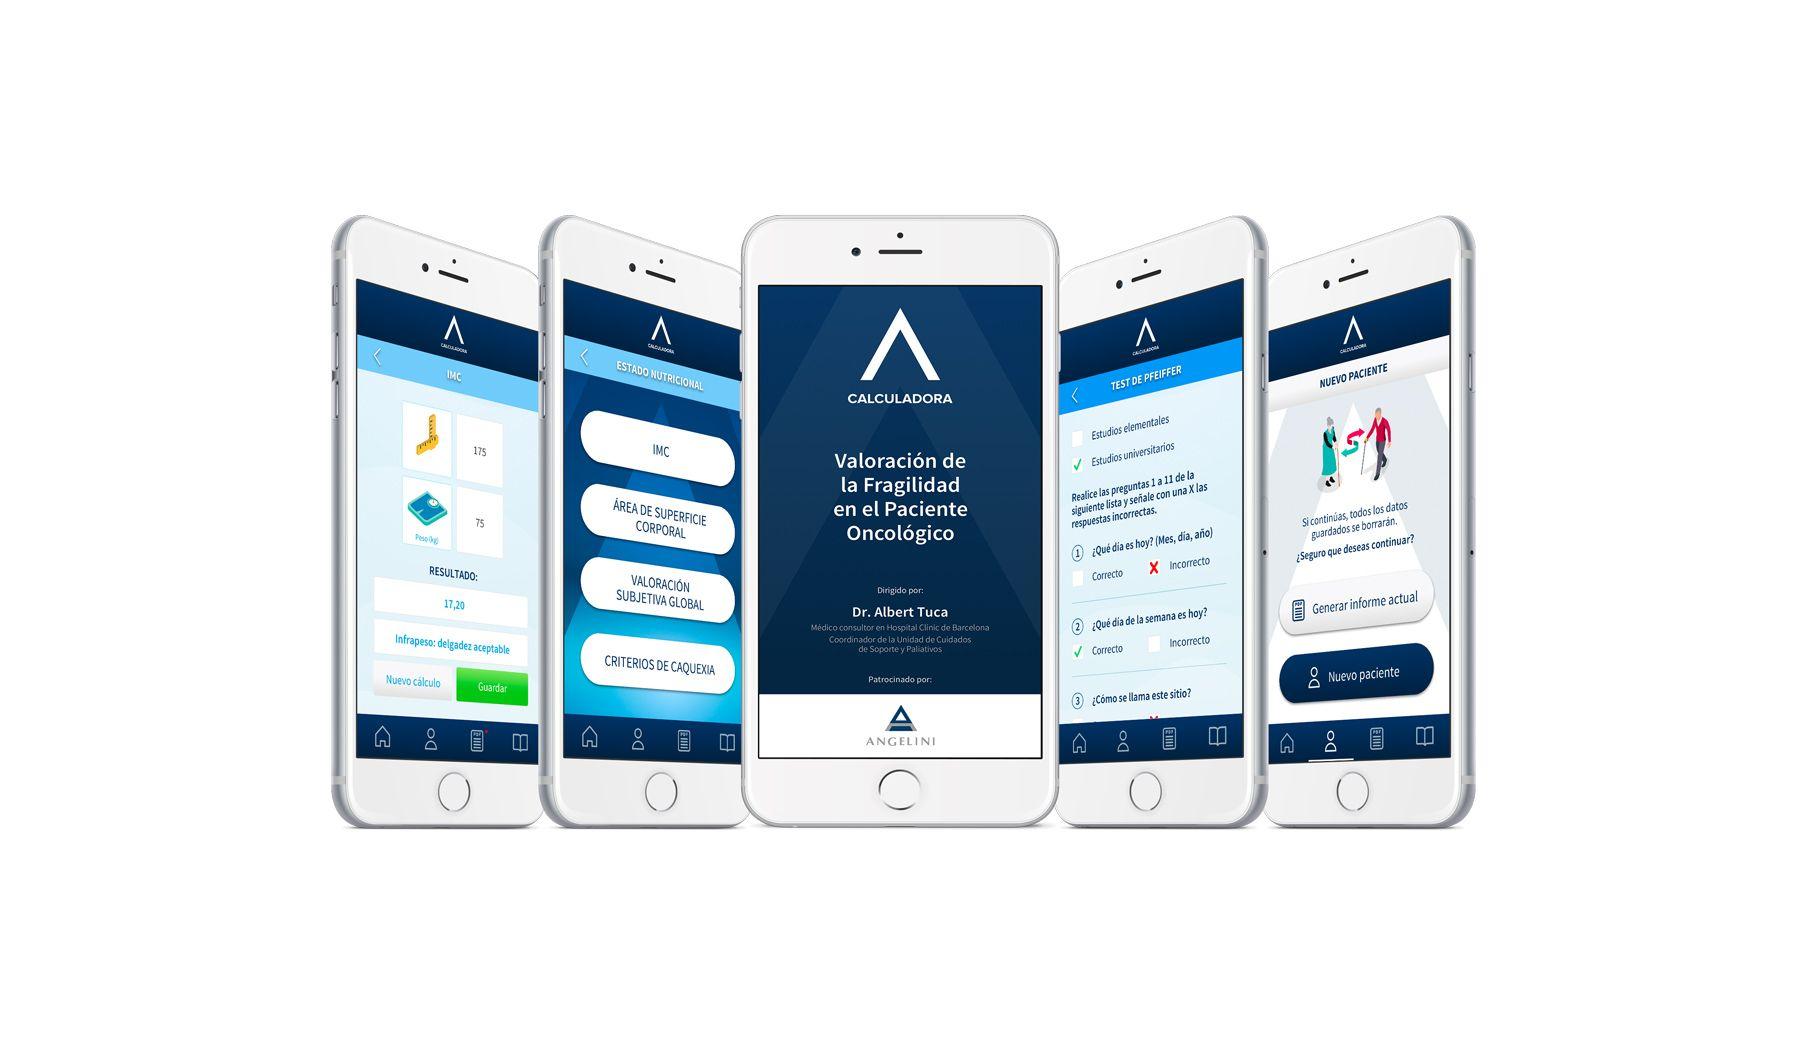 Crean una app para valorar la fragilidad del paciente oncológico